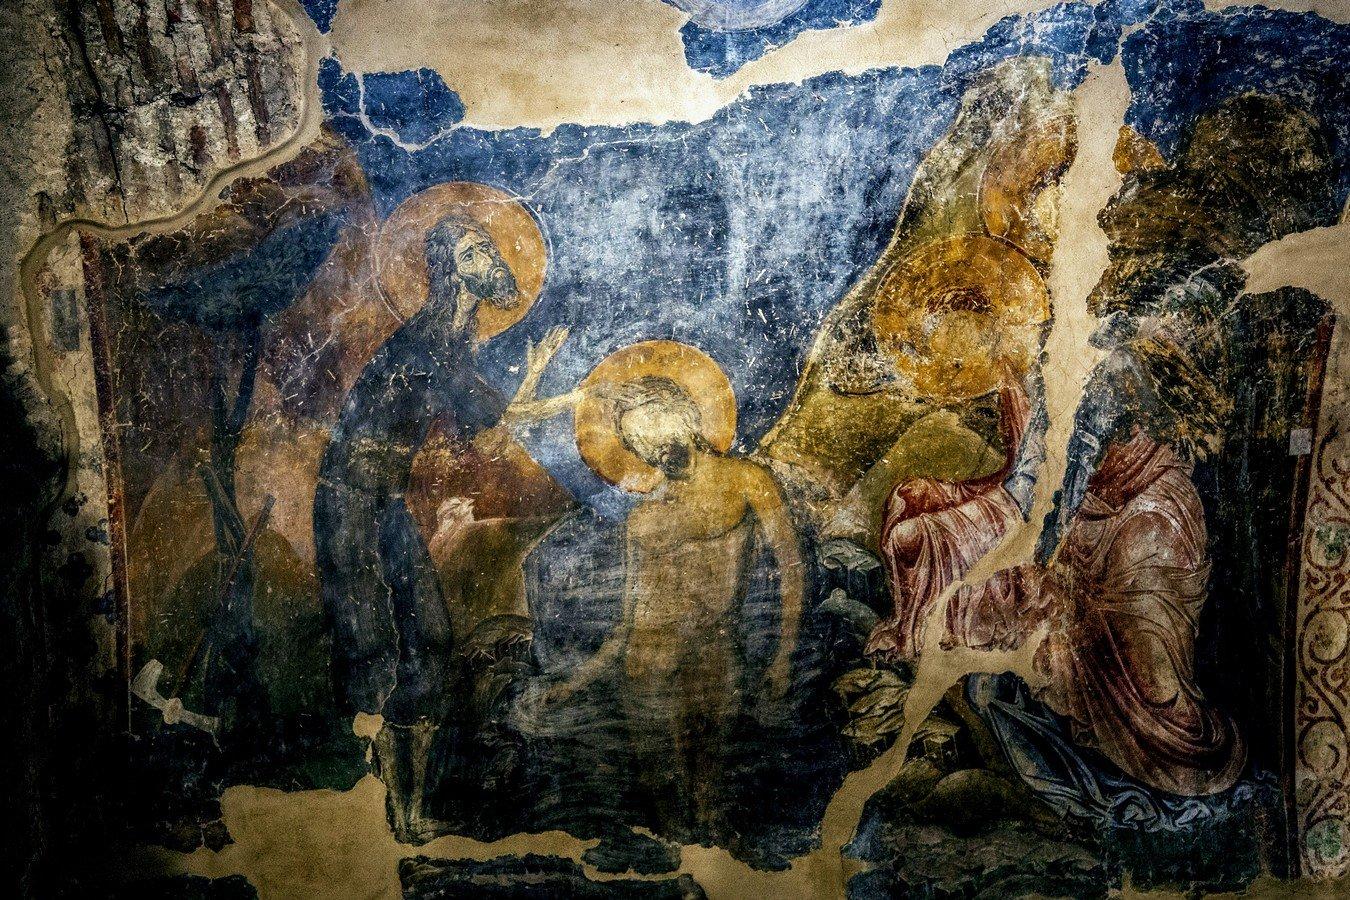 Крещение Господне. Фреска монастыря Латому (Осиос Давид) в Салониках, Греция. XII век.